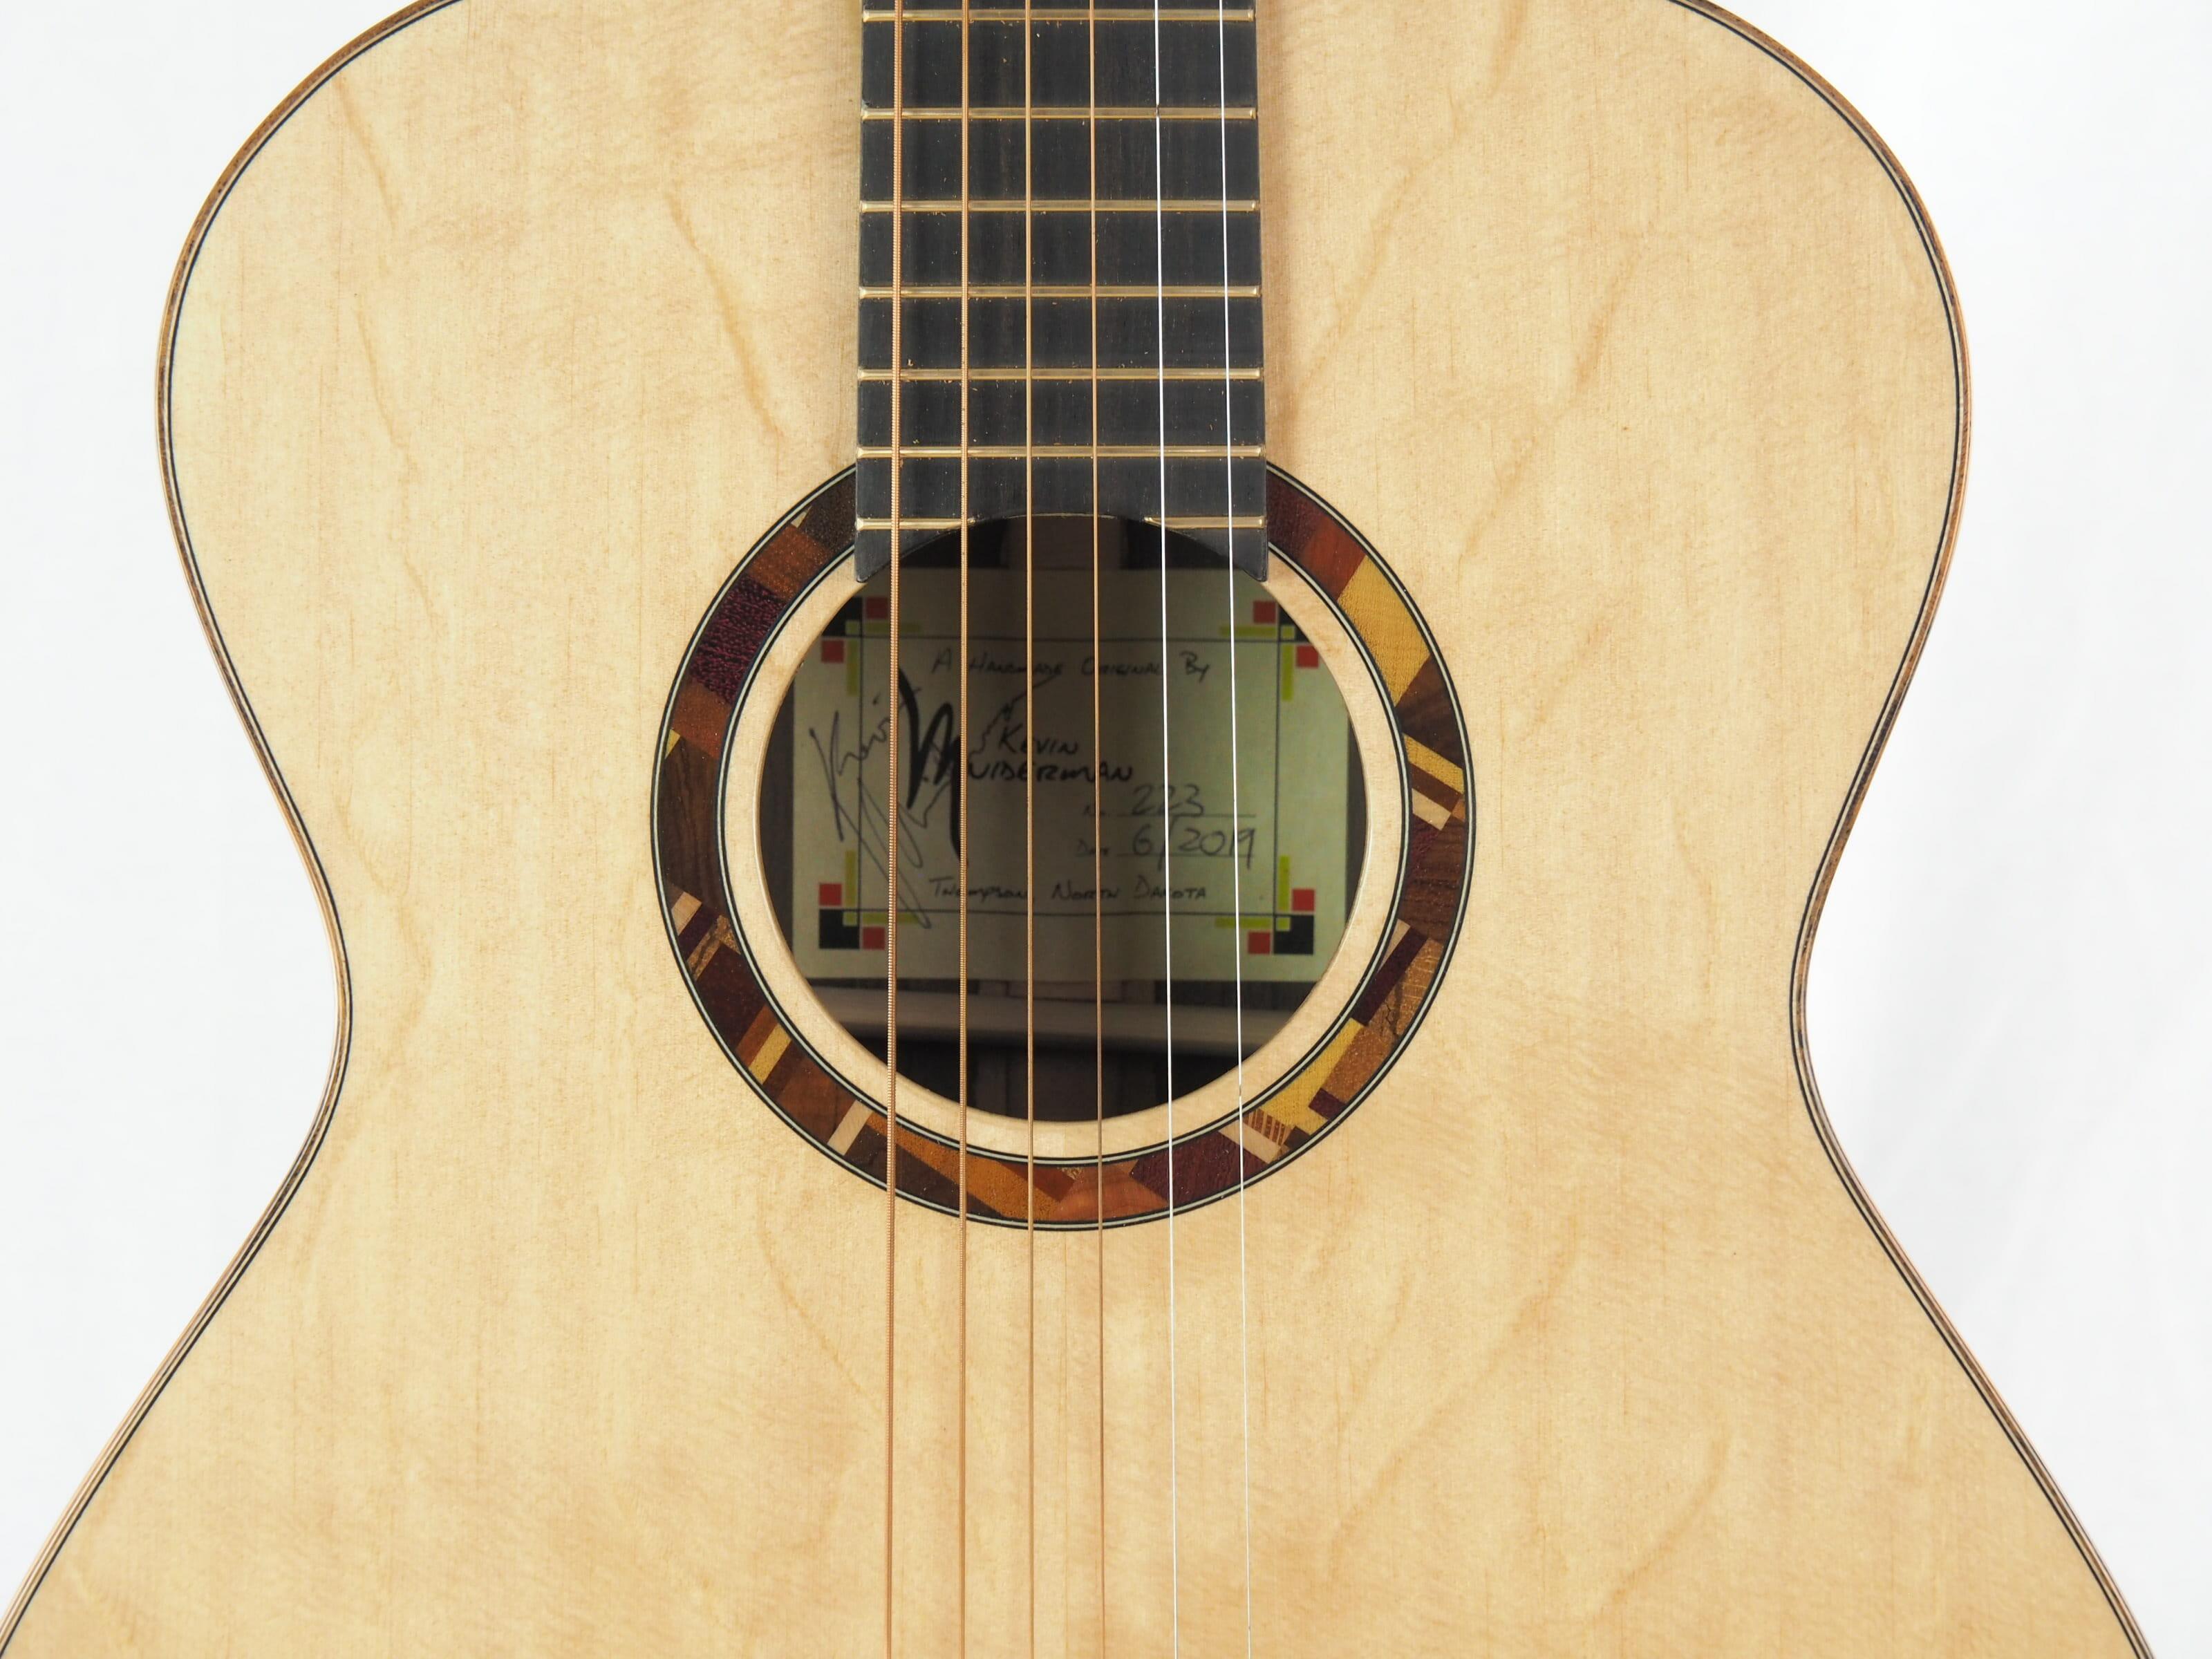 Kevin Muiderman luthier guitare acoustique No 19MUI223-09